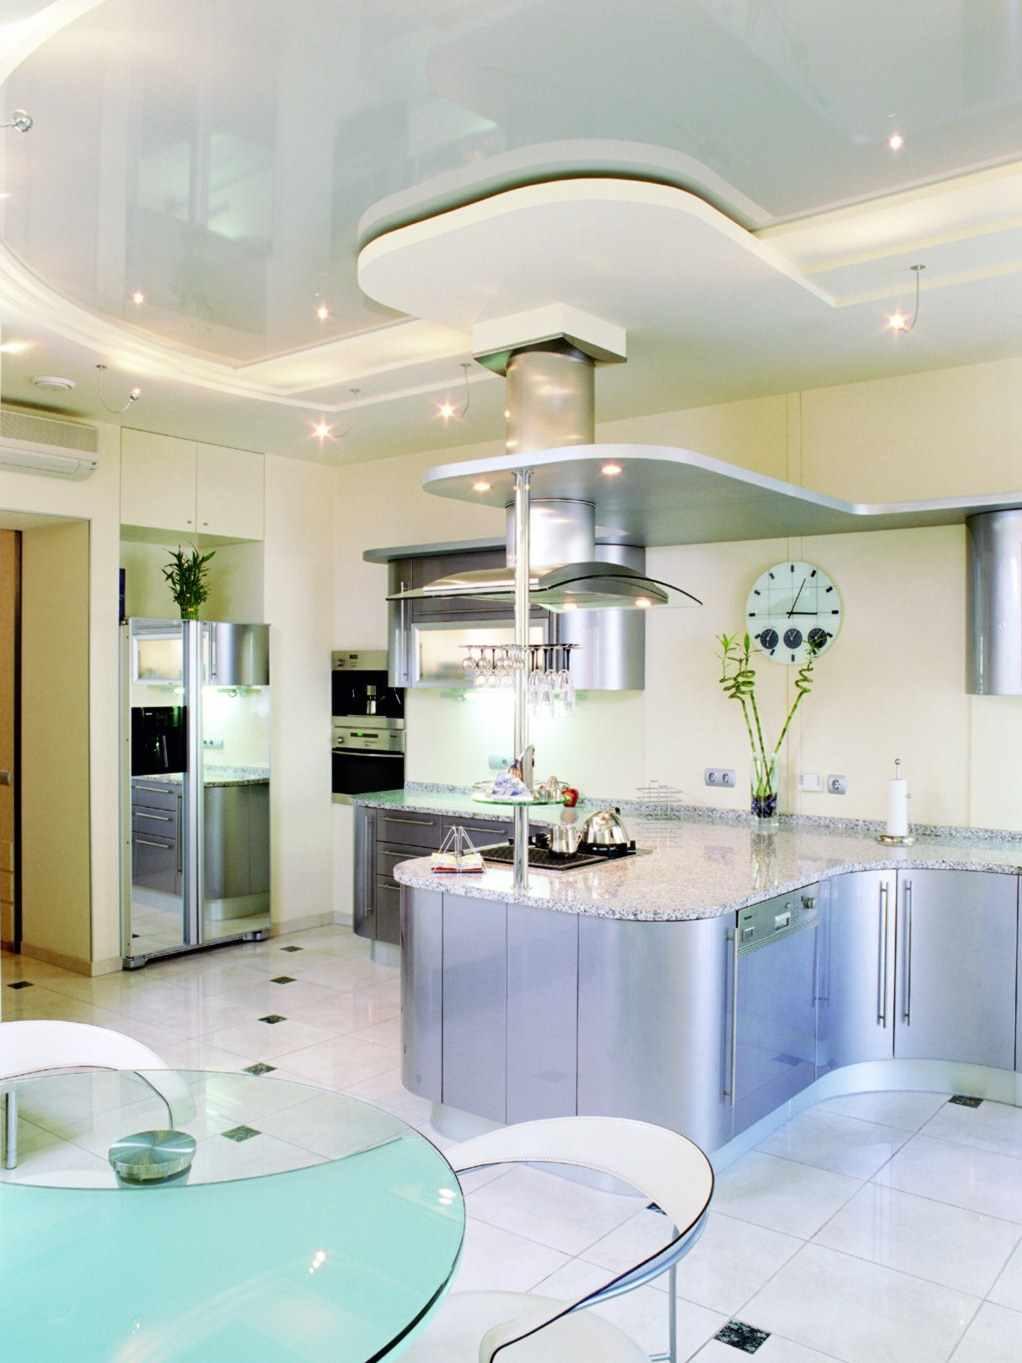 un exemple de plafond intérieur lumineux dans la cuisine